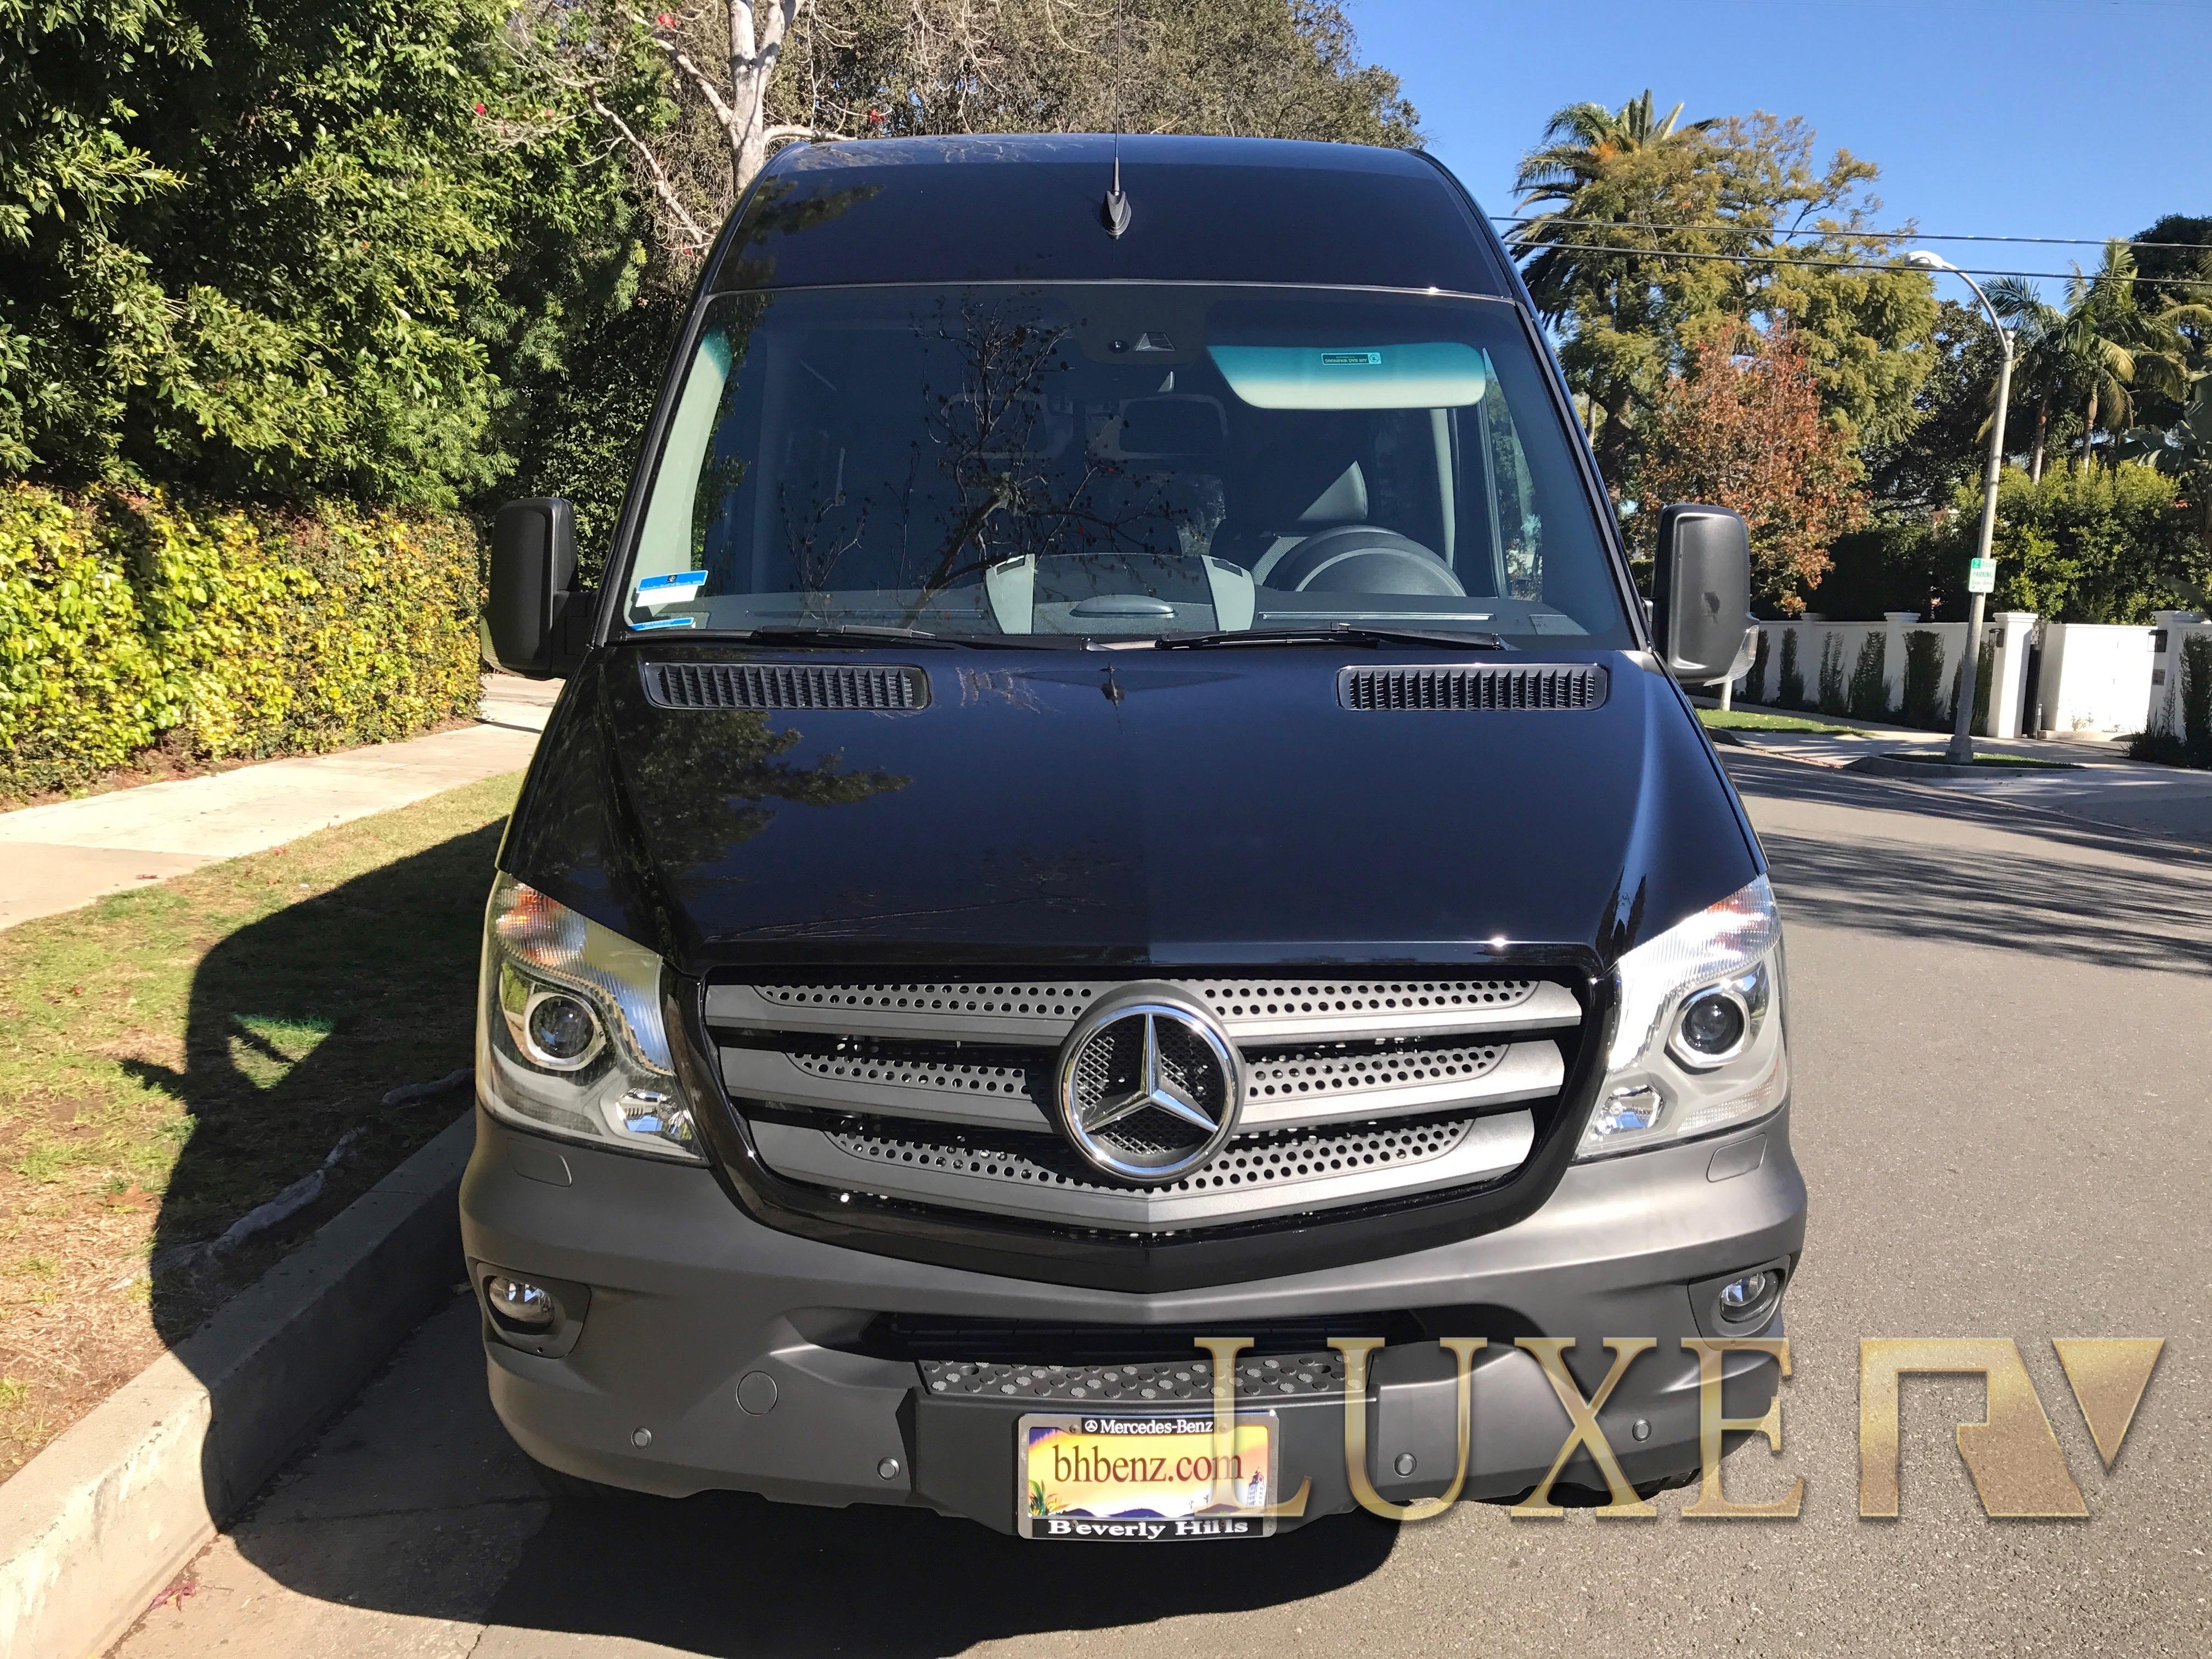 Mercedes Passenger Van for Rent Luxe RV